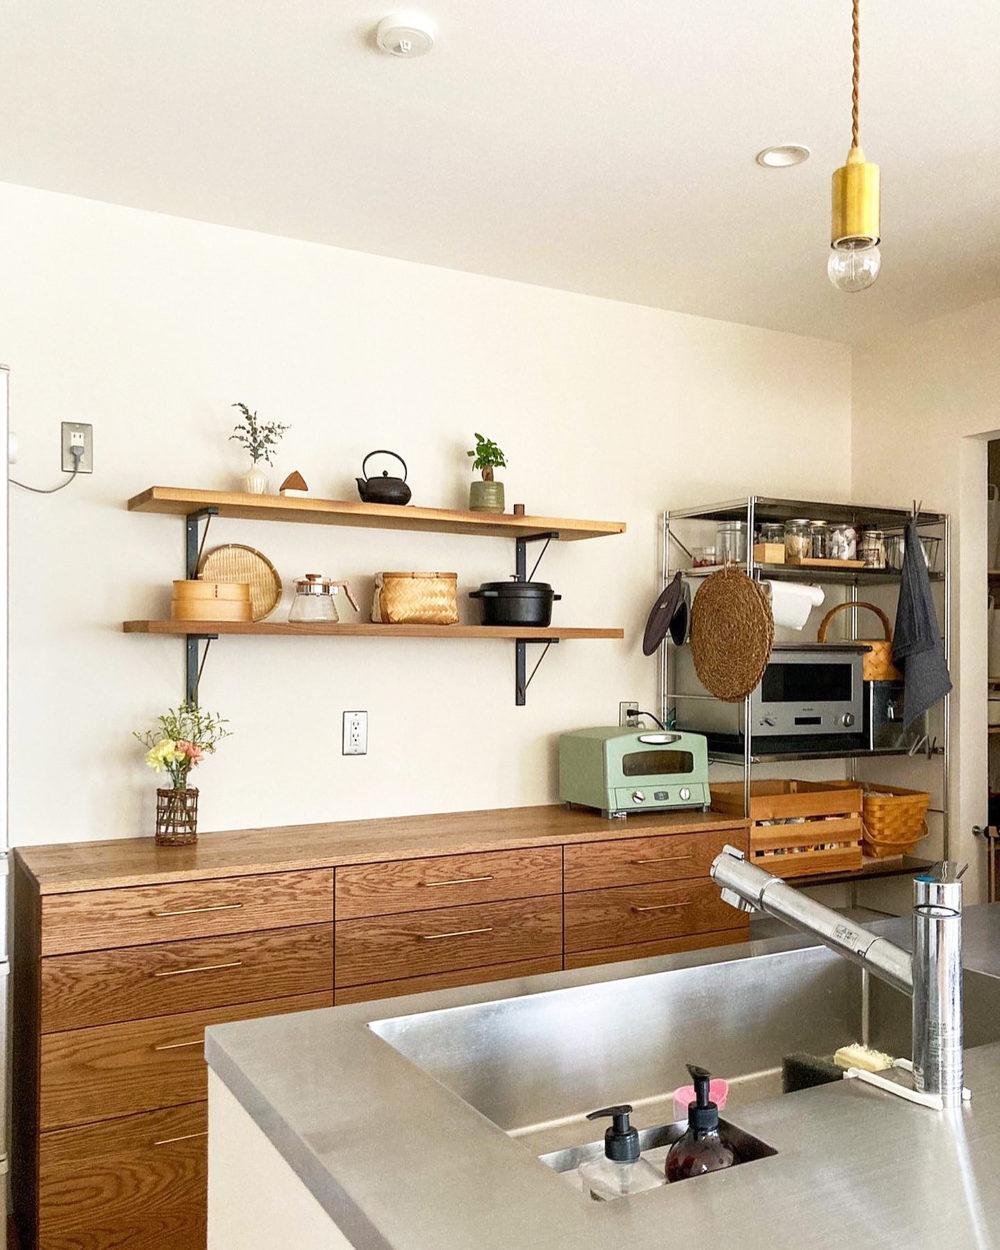 オーダー家具・カップボード・食器棚/関西・兵庫